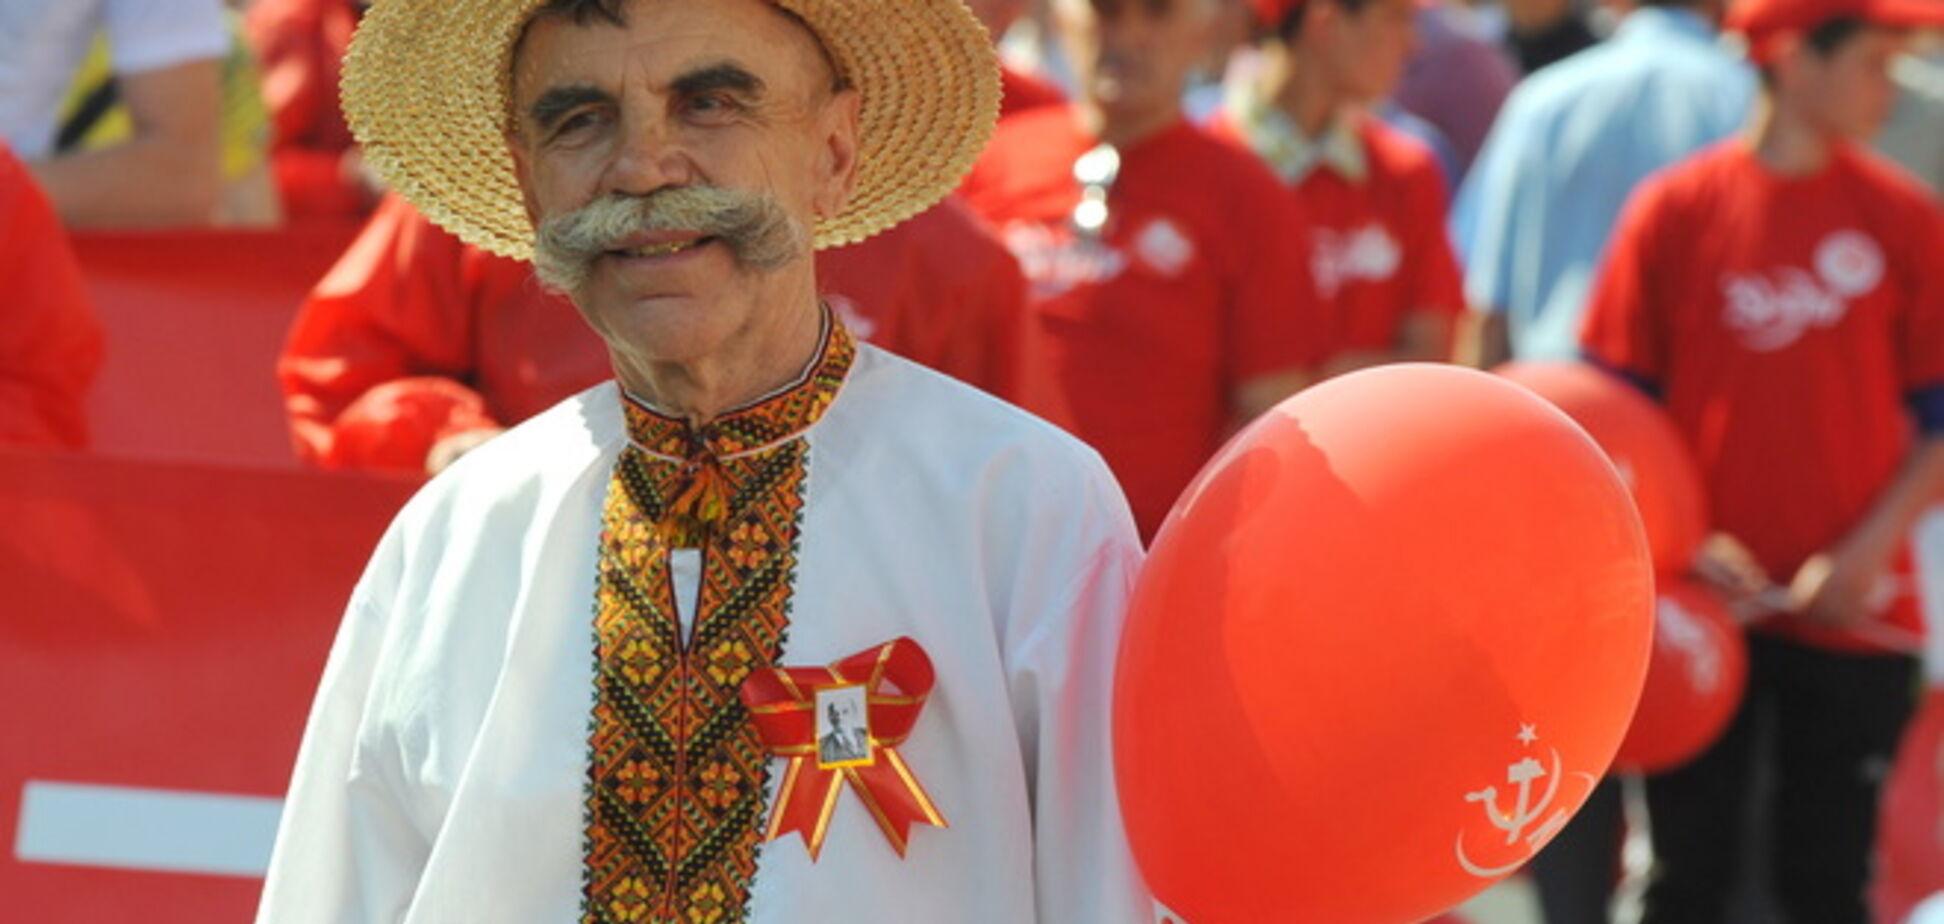 В Україні 1 травня мітингували проти 'хунти' і співали: 'Путін - х ** ло'